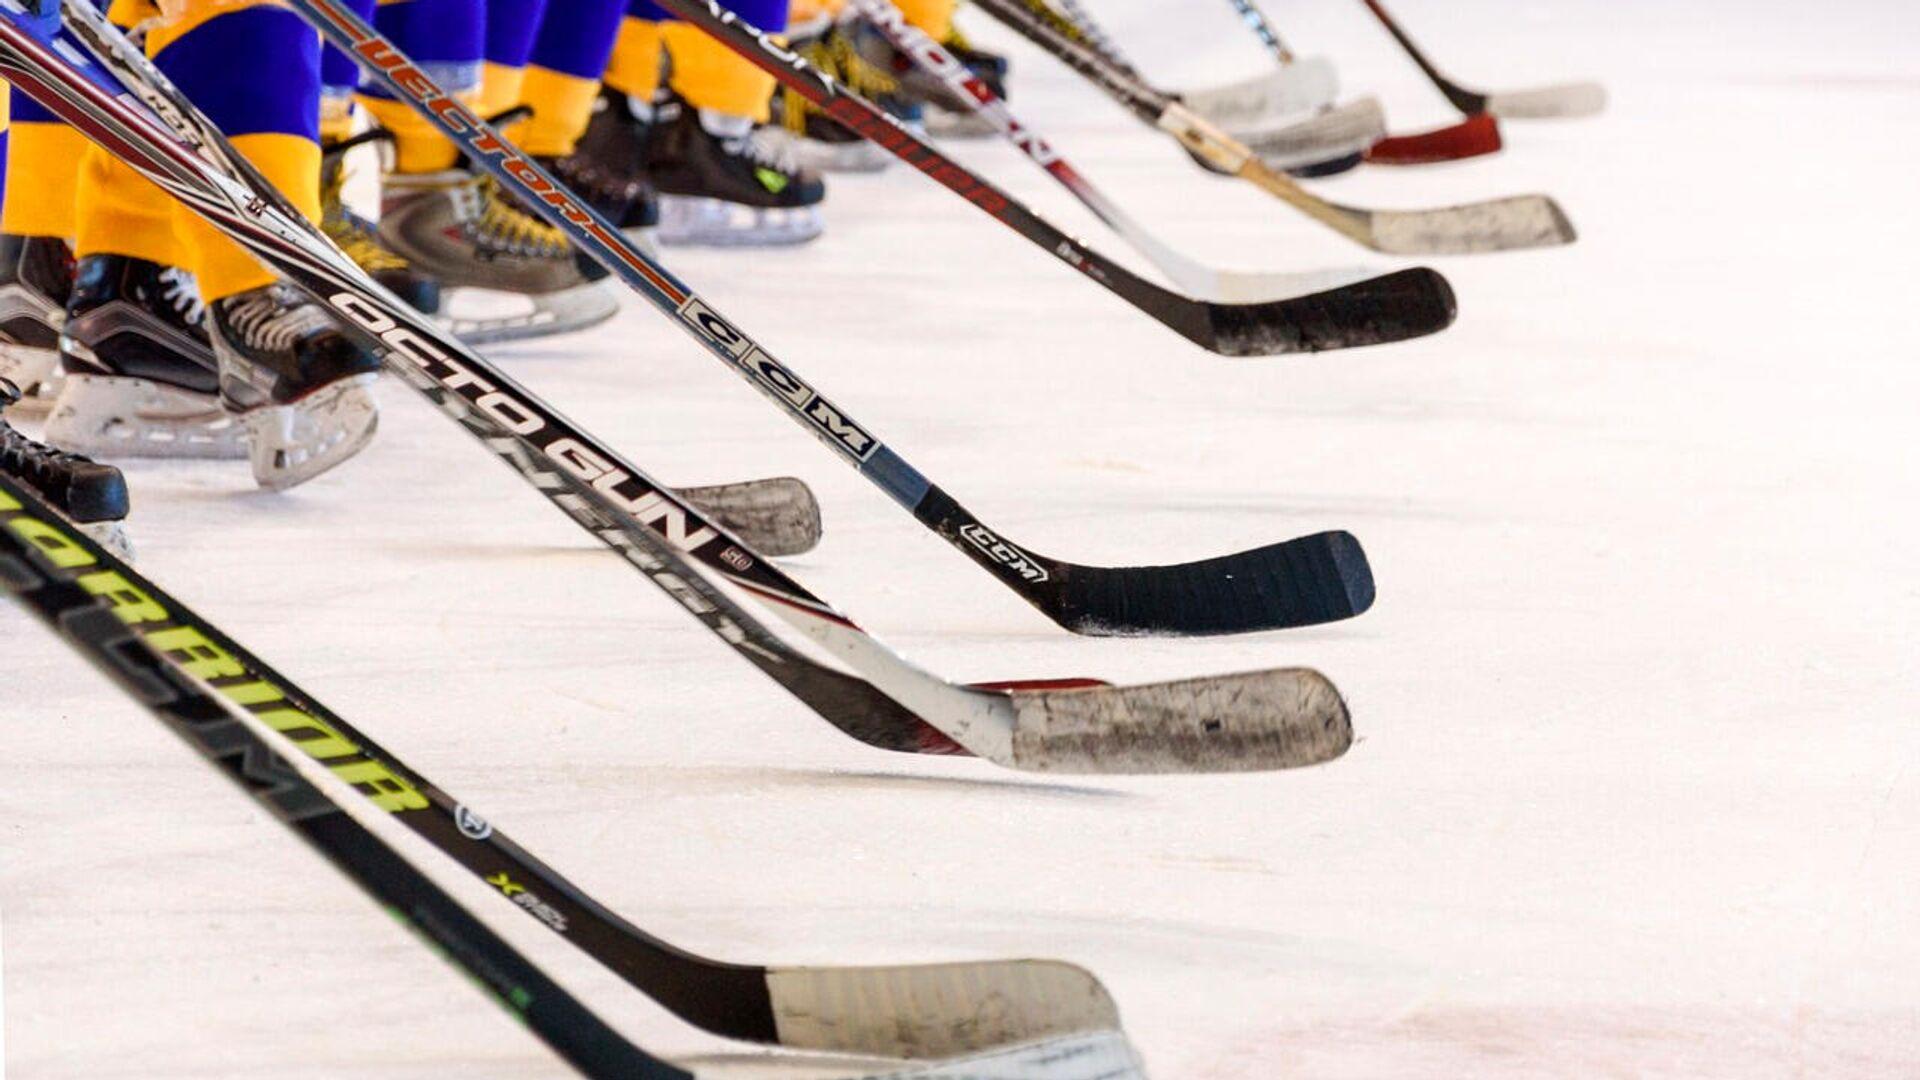 Хоккеисты на льду - Sputnik Латвия, 1920, 04.09.2021